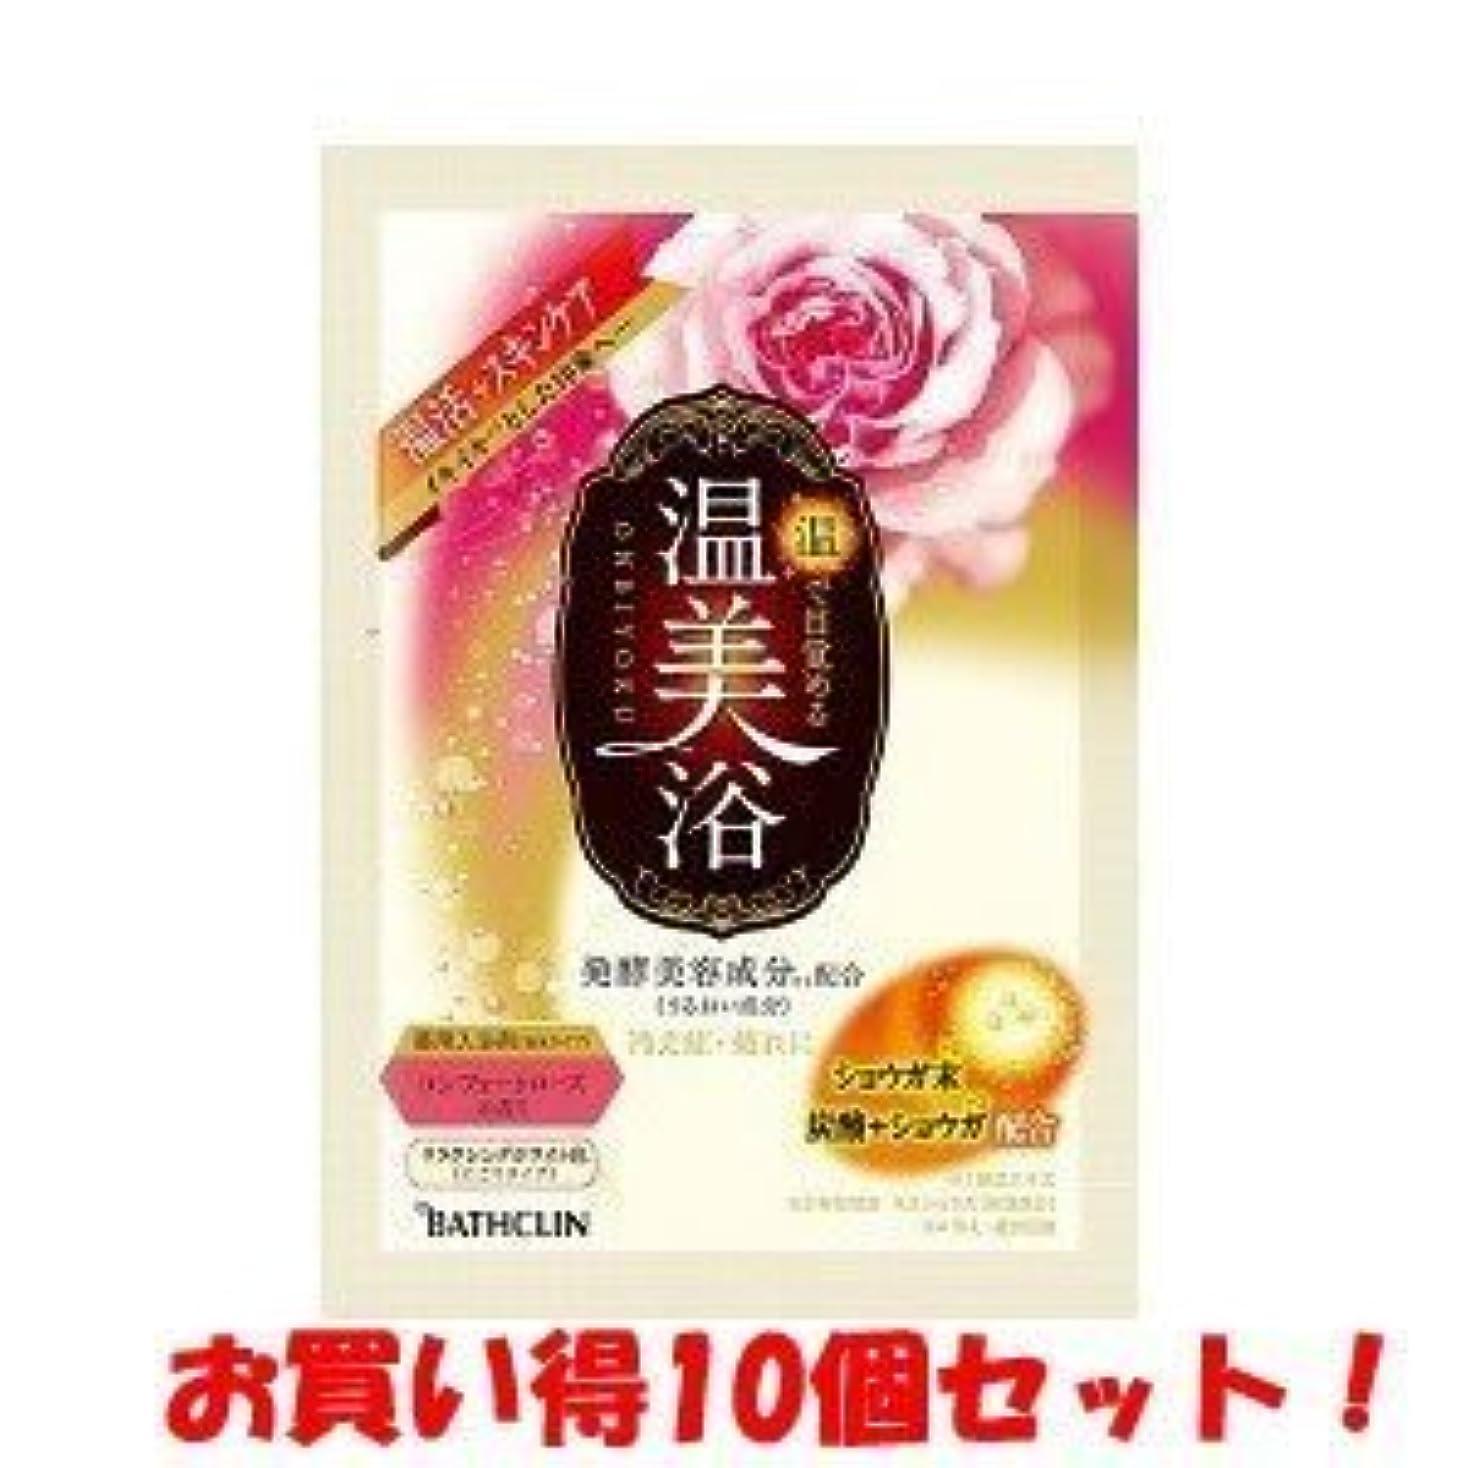 ラジウムプレート上流の(バスクリン)温美浴 コンフォートローズの香り 40g(医薬部外品)(お買い得10個セット)